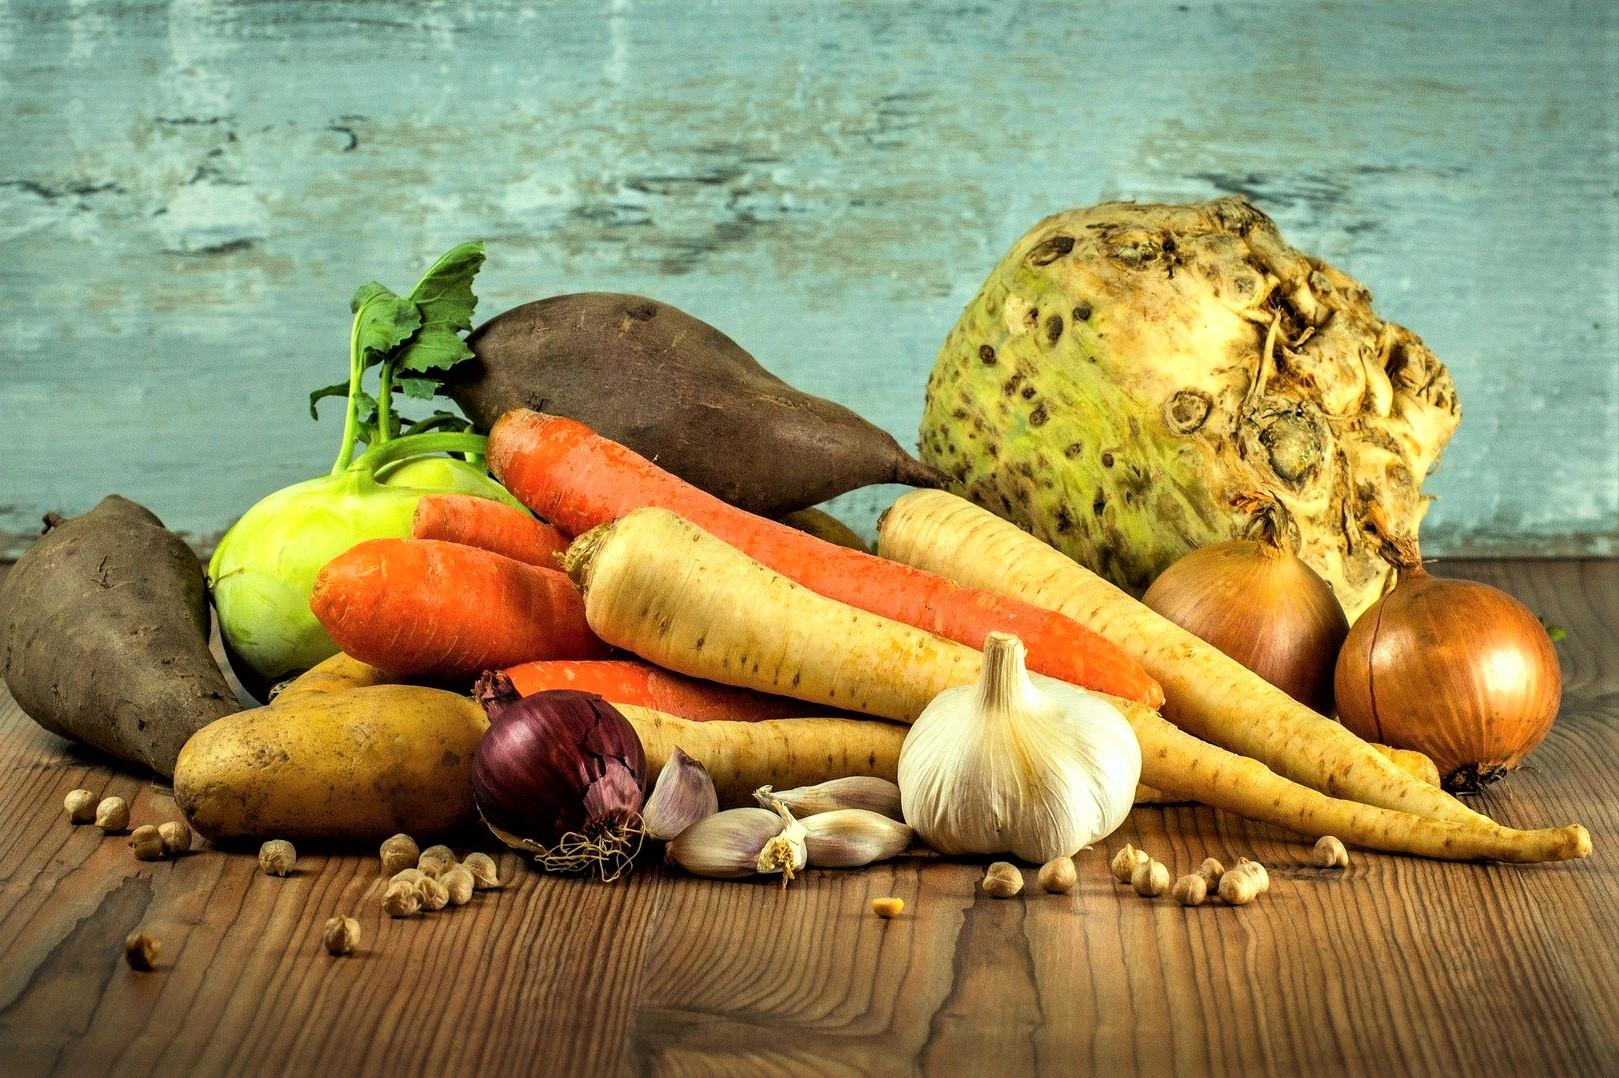 In meinem Familien-Speiseplan findest du bunte und abwechlungsreiche Rezepte für jeden. Gesund kochen, Essen genießen und alle sind glücklich. Ein Wochenplan für die ganze Familie